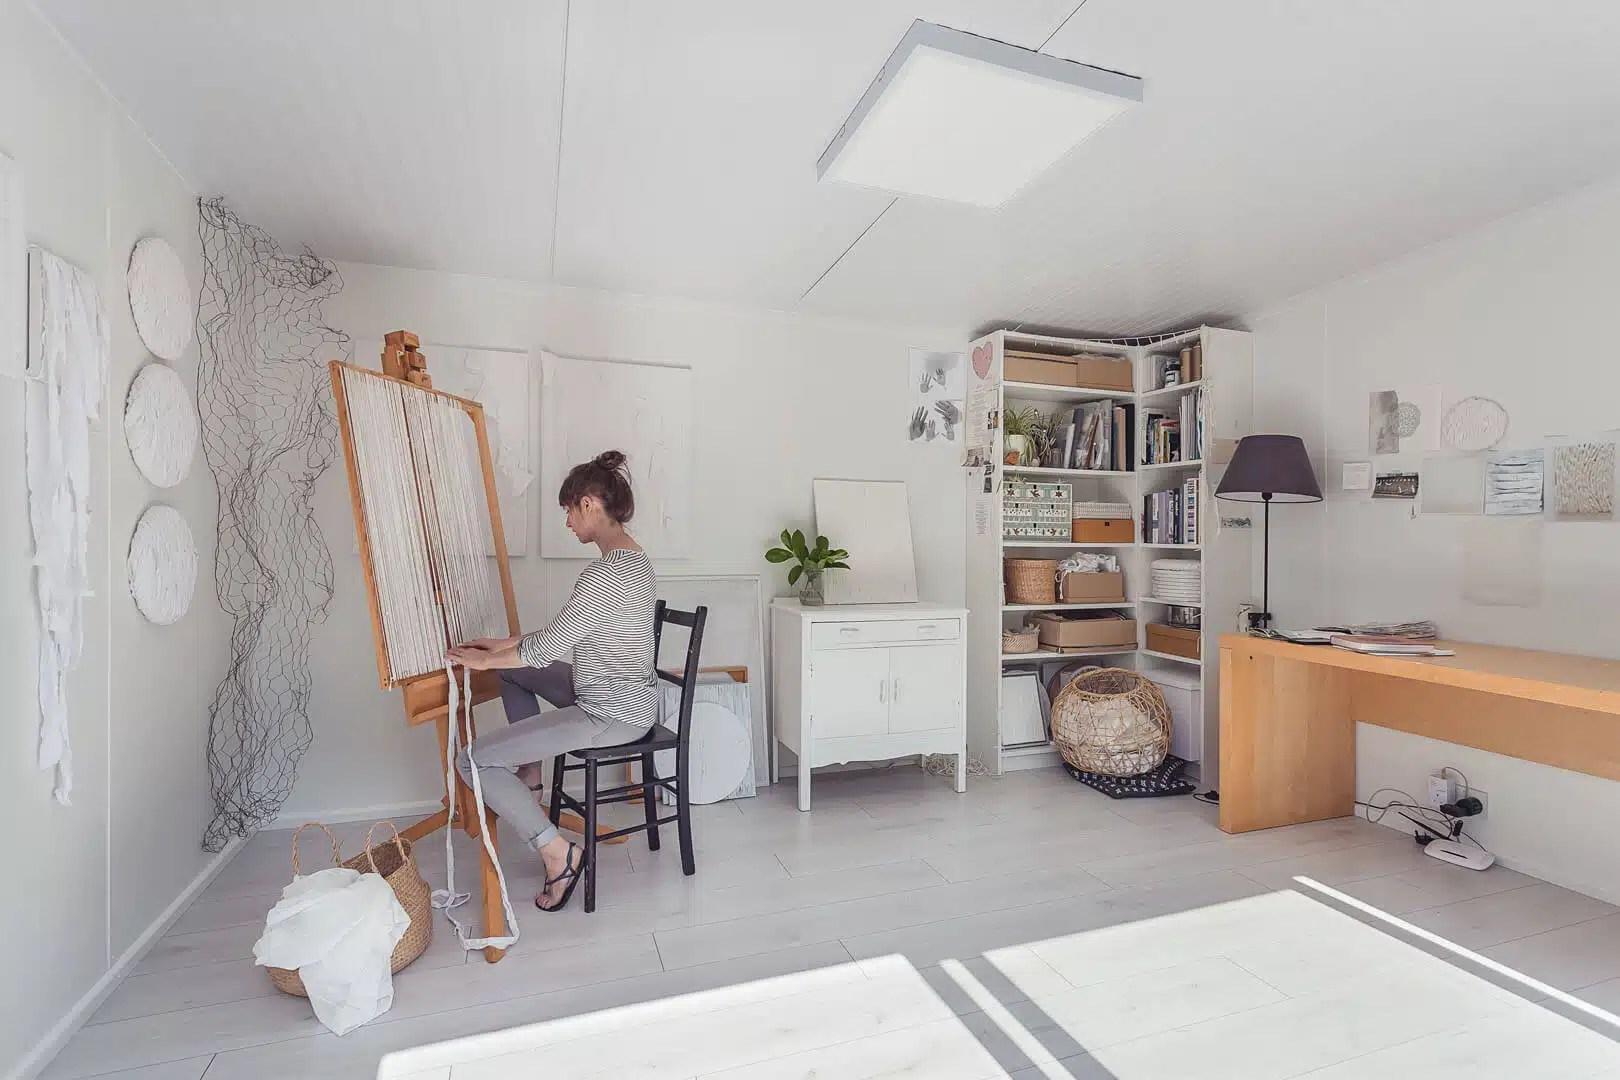 4m X 3m Minimalistic Art Studio Green Retreats